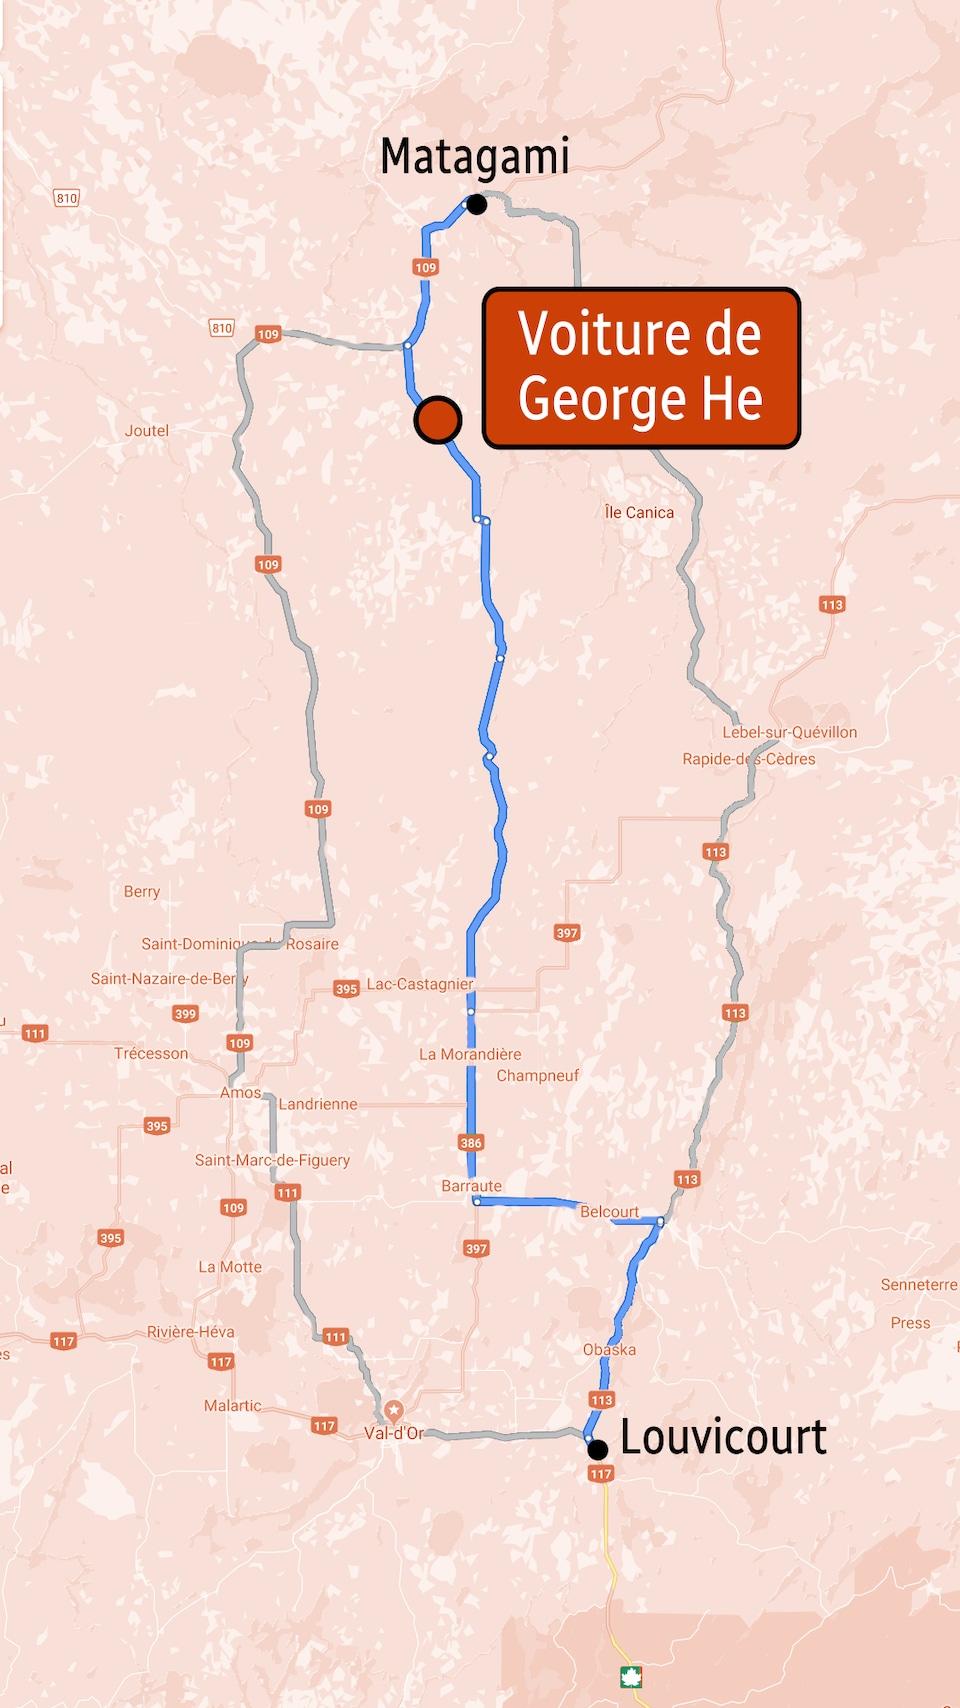 Une carte indique l'emplacement où la voiture de George He a été retrouvée.